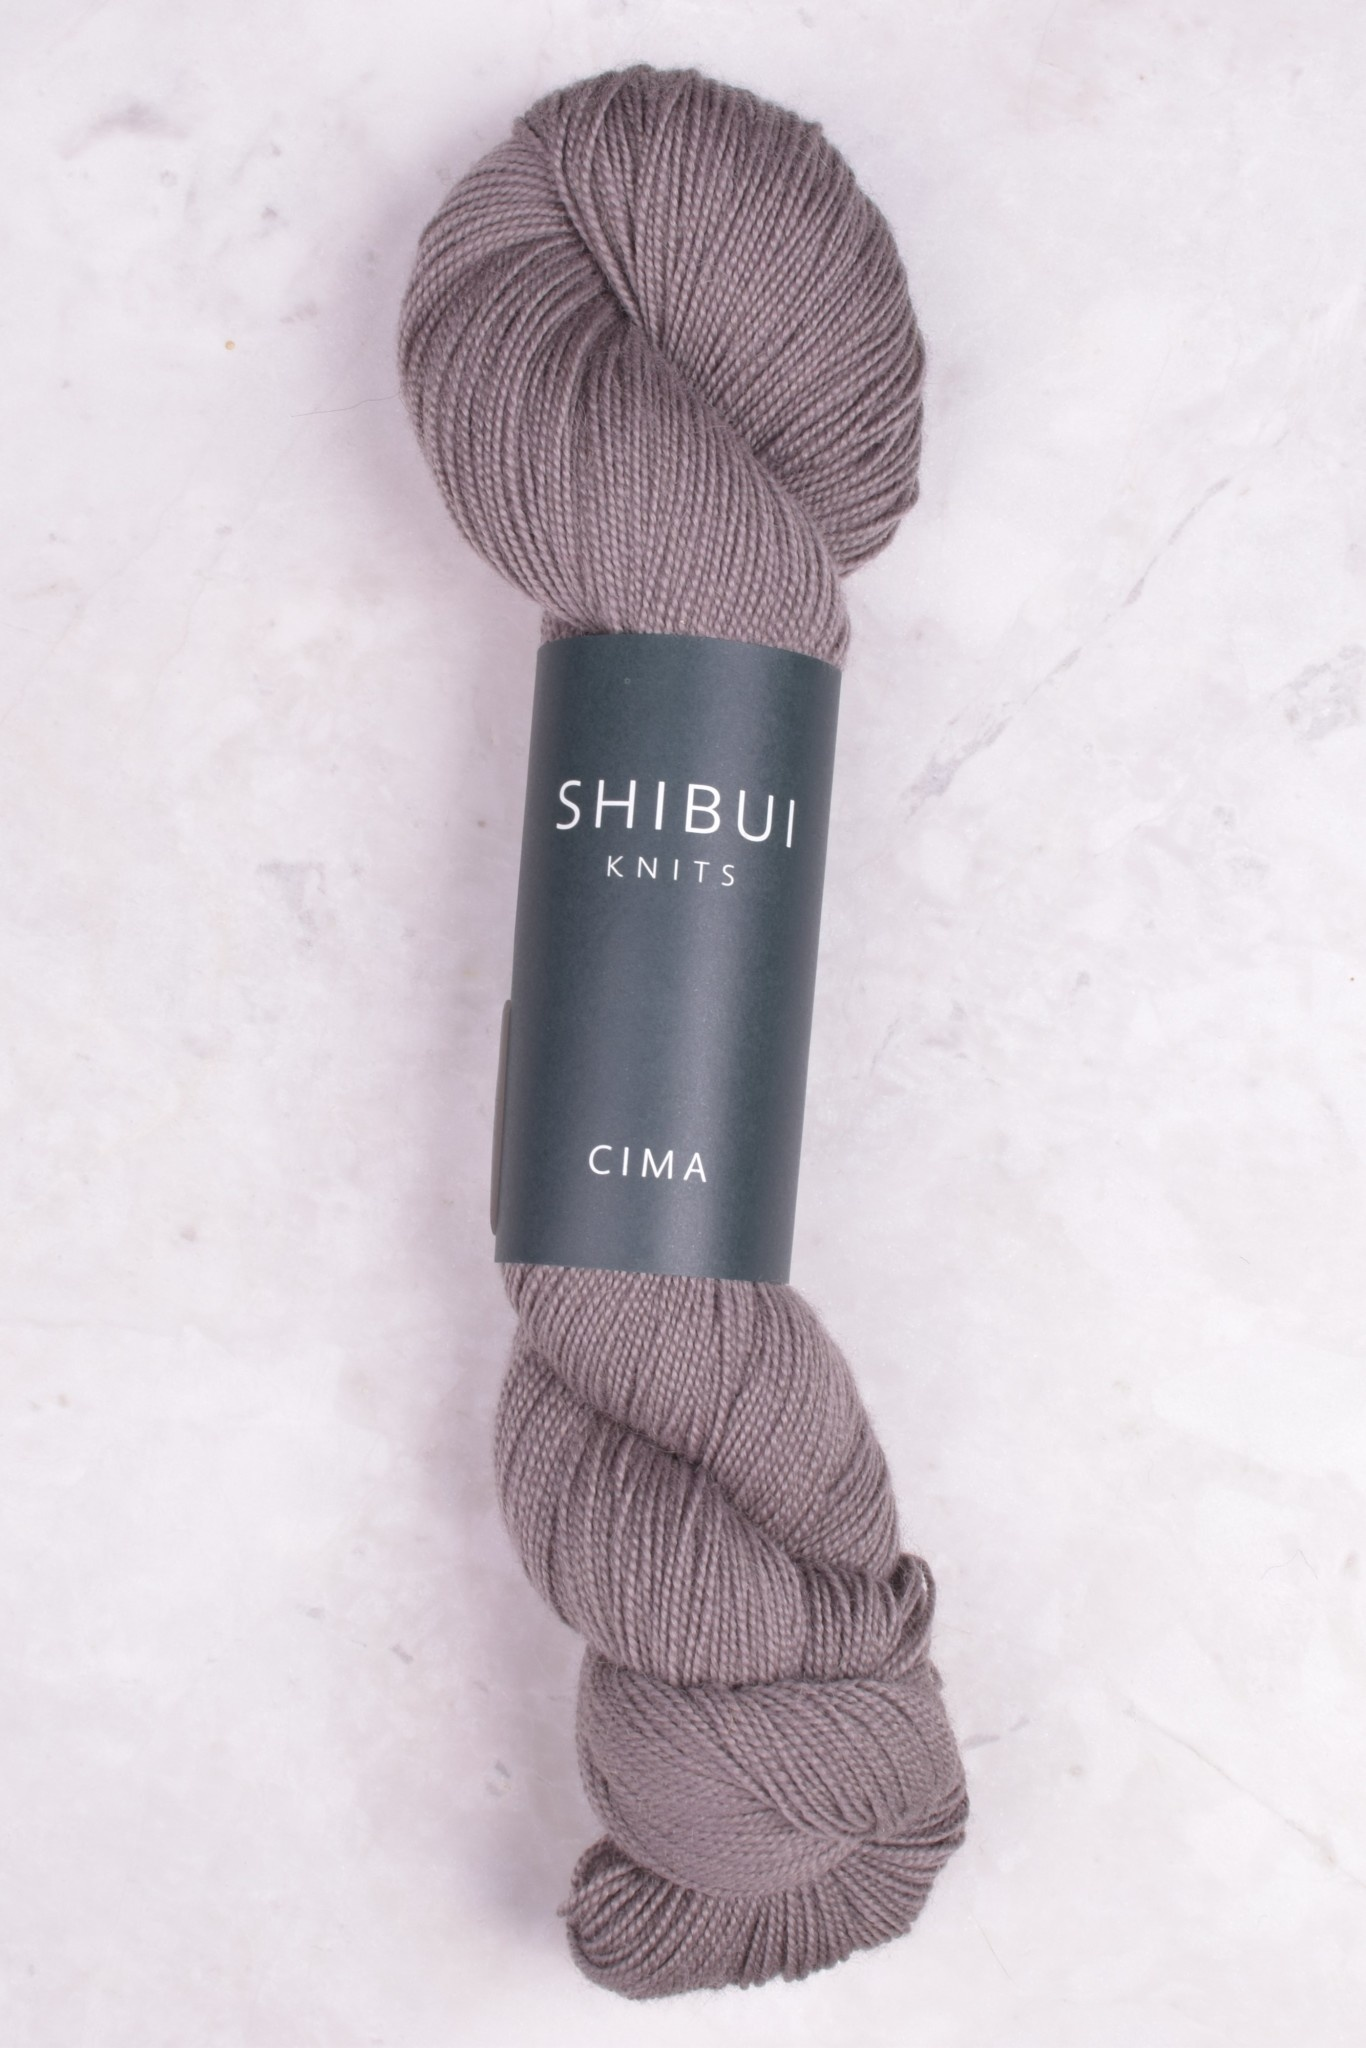 Image of Shibui Cima 2022 Mineral